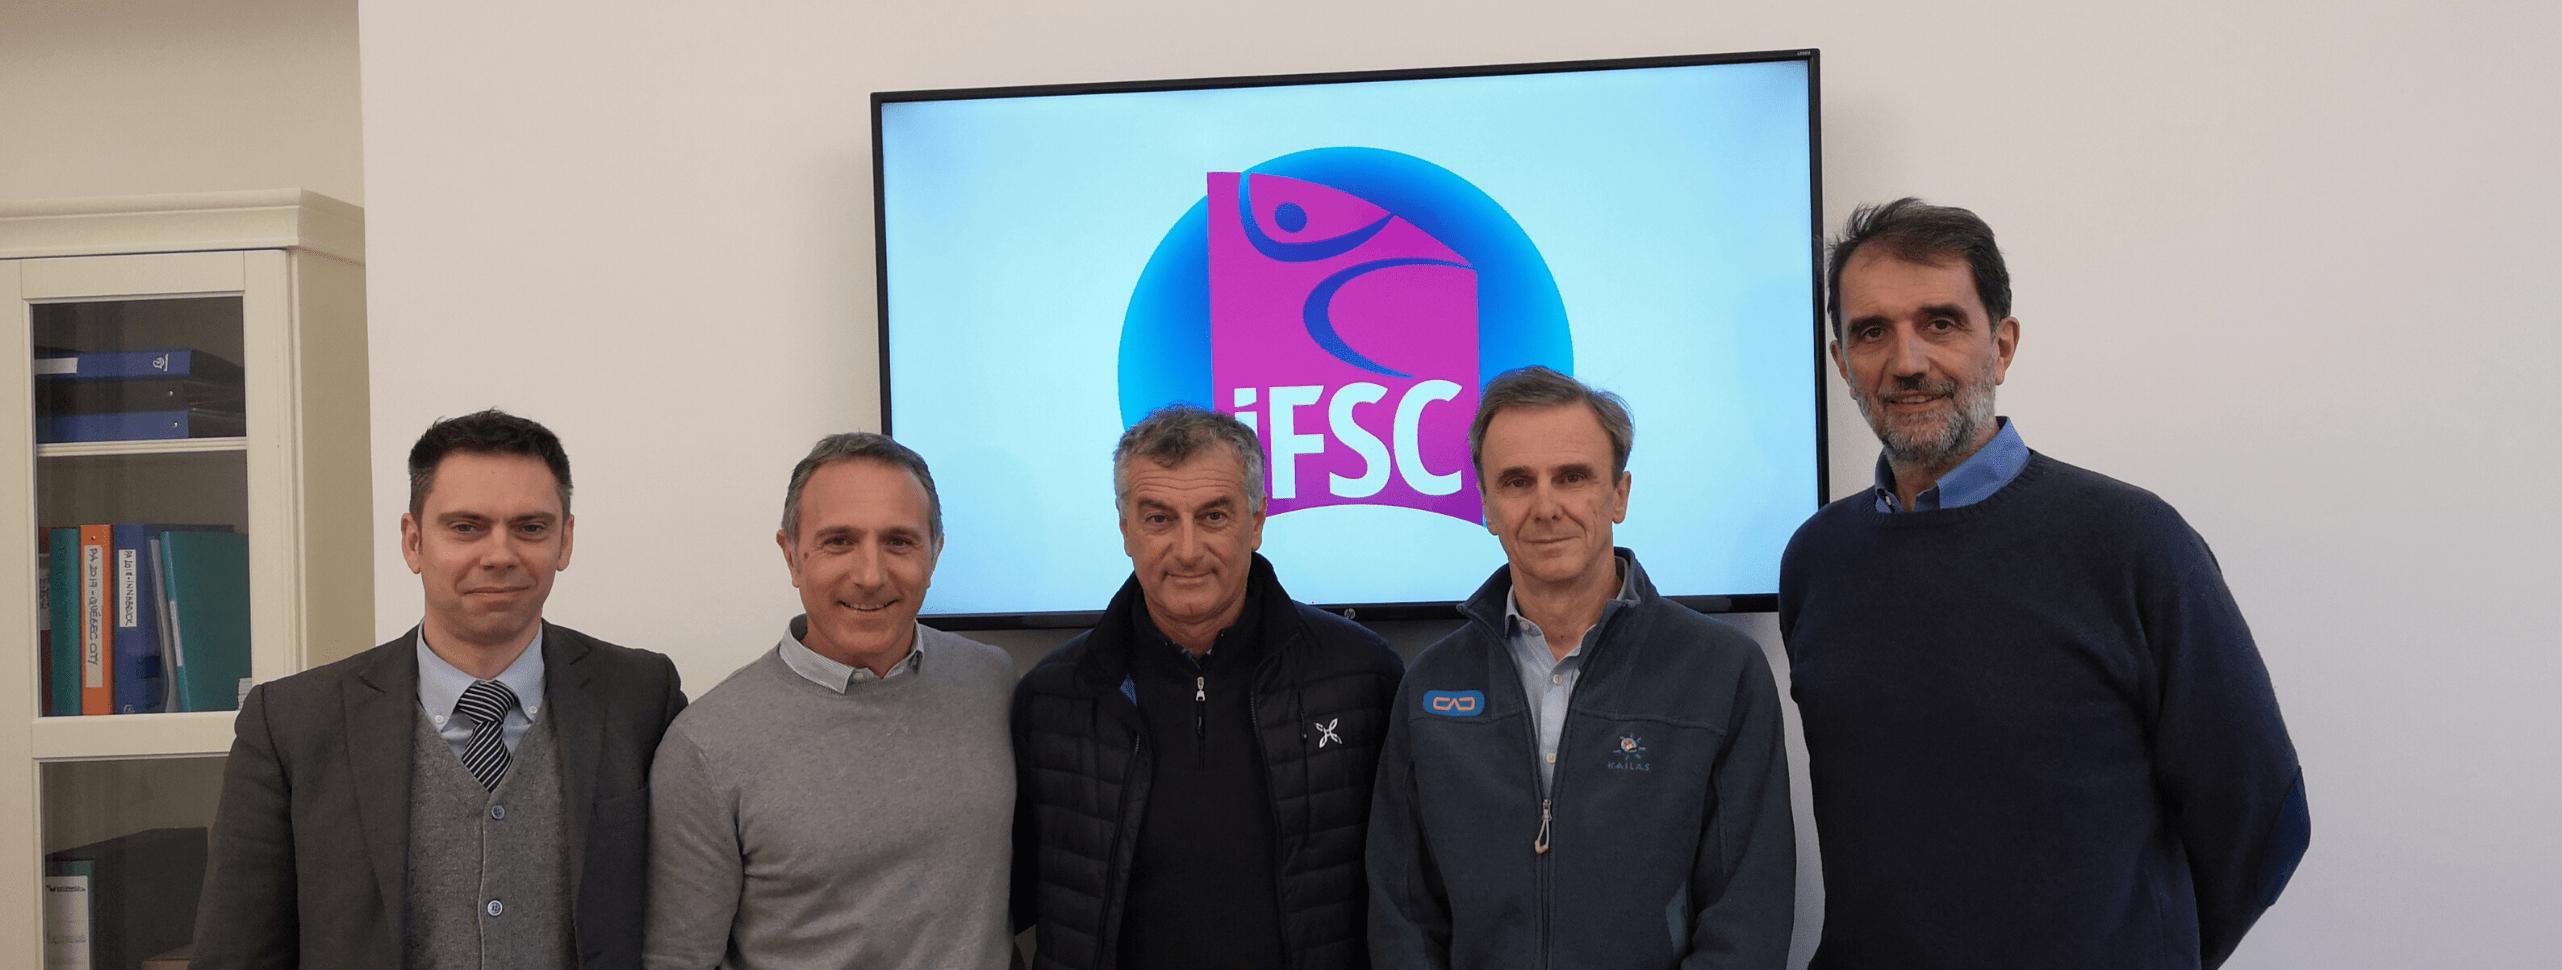 Federazione Arrampicata Sportiva Italiana (FASI) President meets IFSC President in Turin, Italy